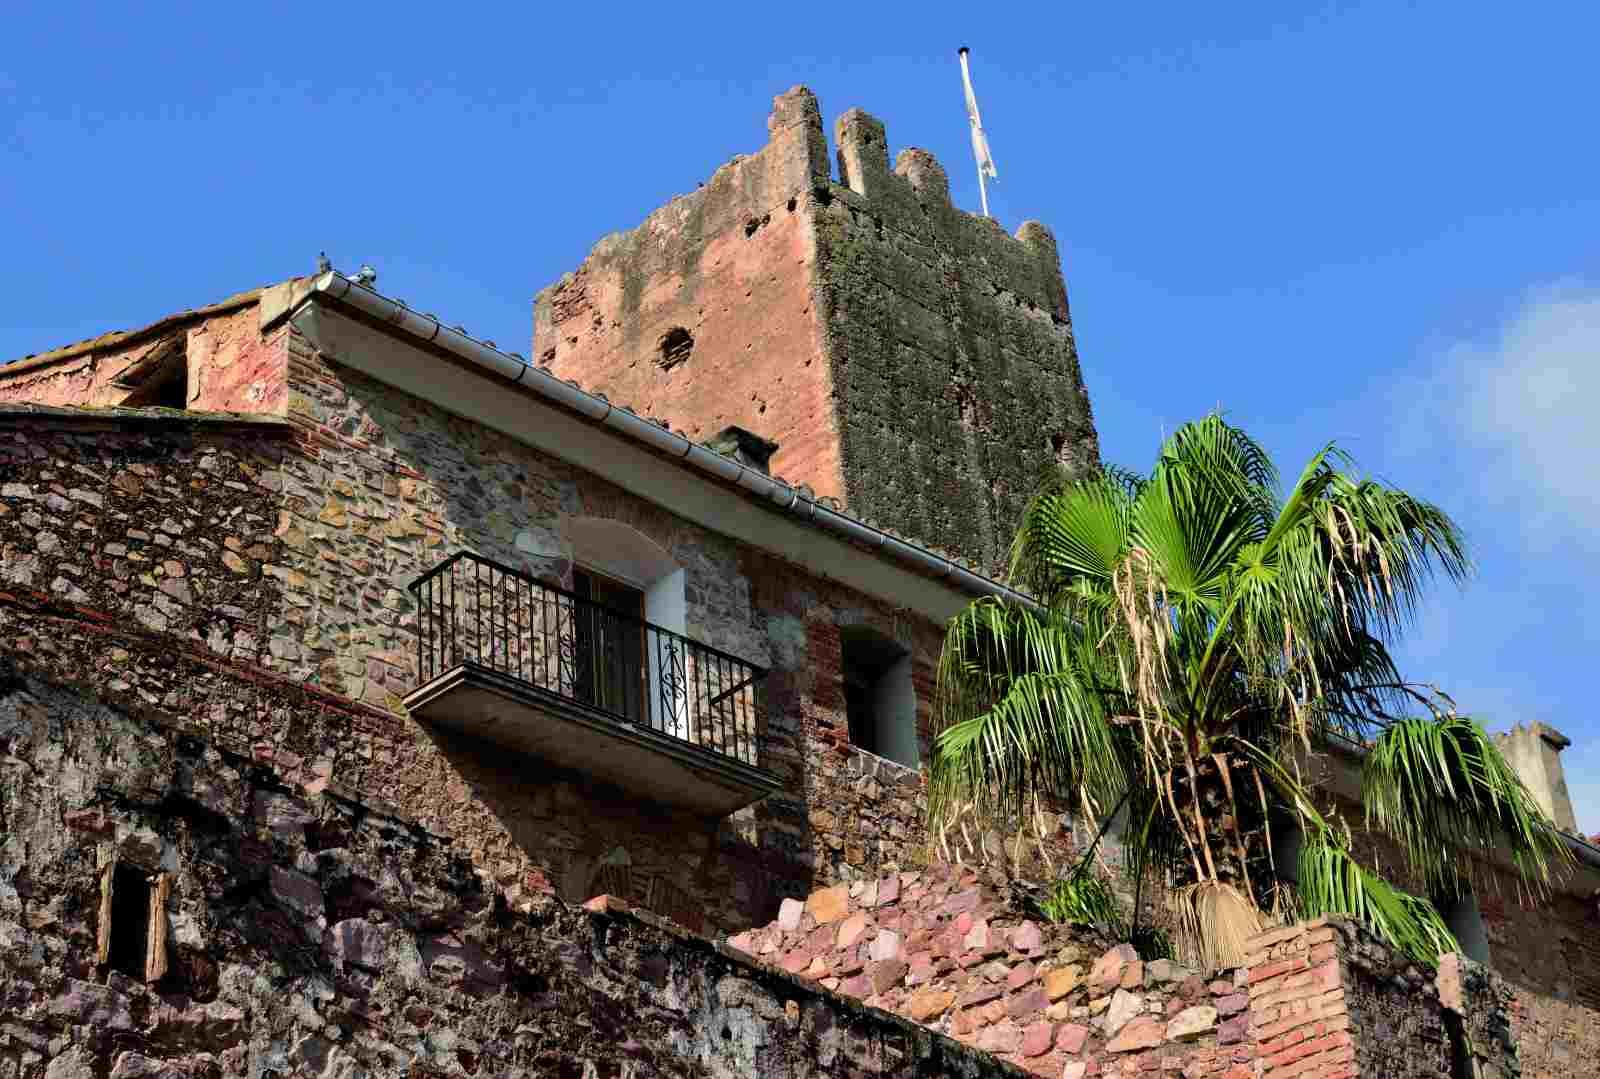 Serra restaura la Torre del Senyor